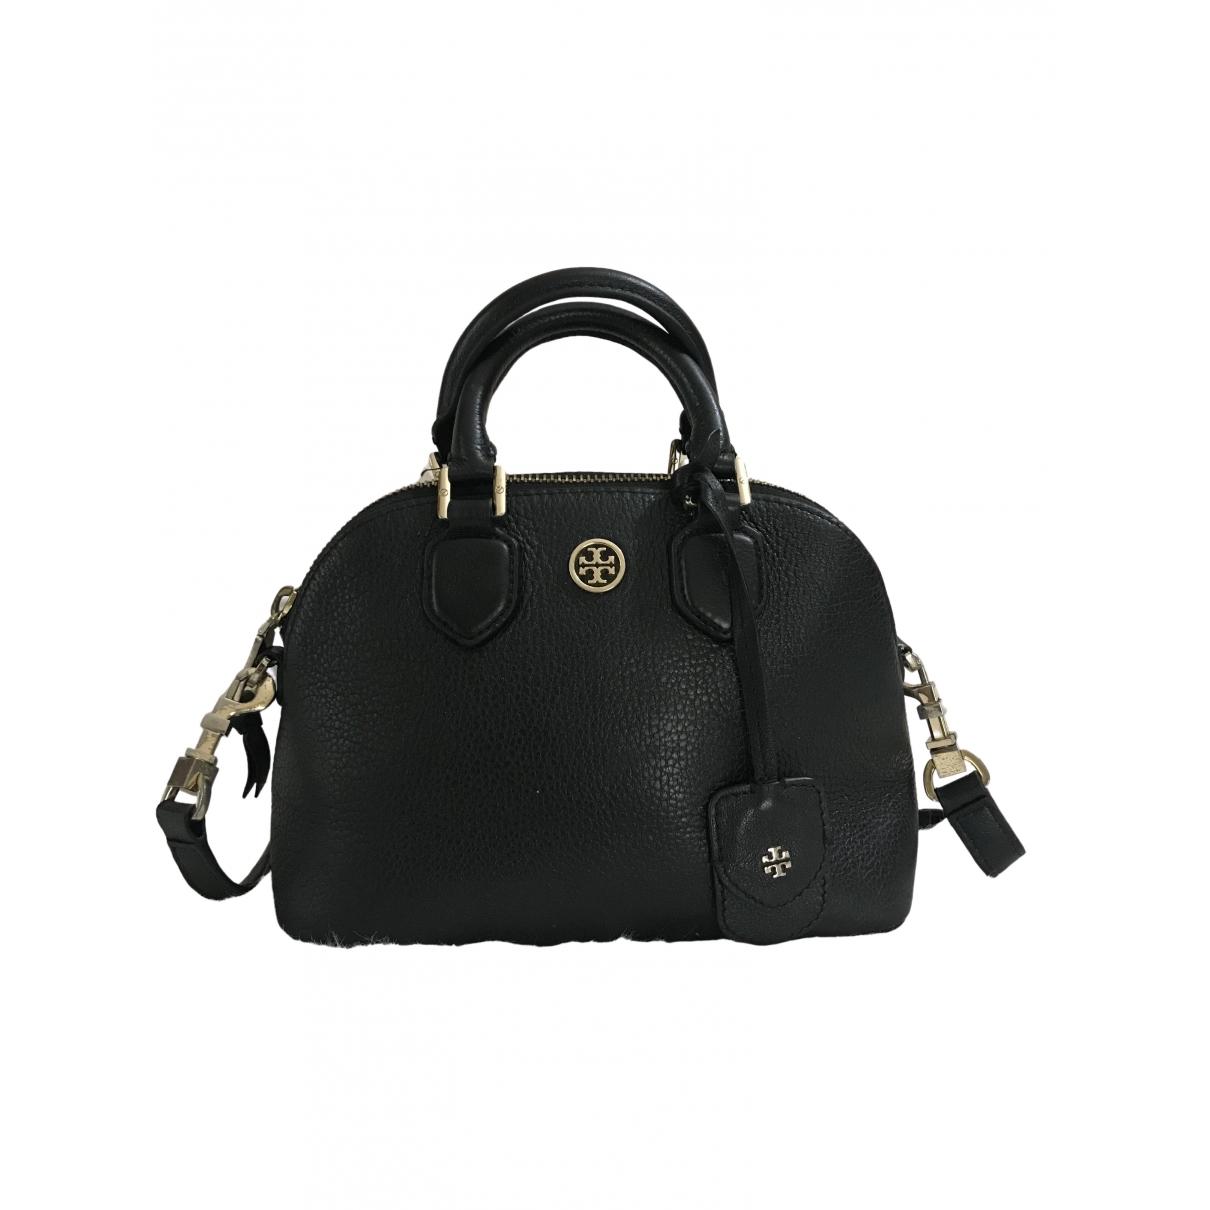 Tory Burch \N Handtasche in  Schwarz Leder